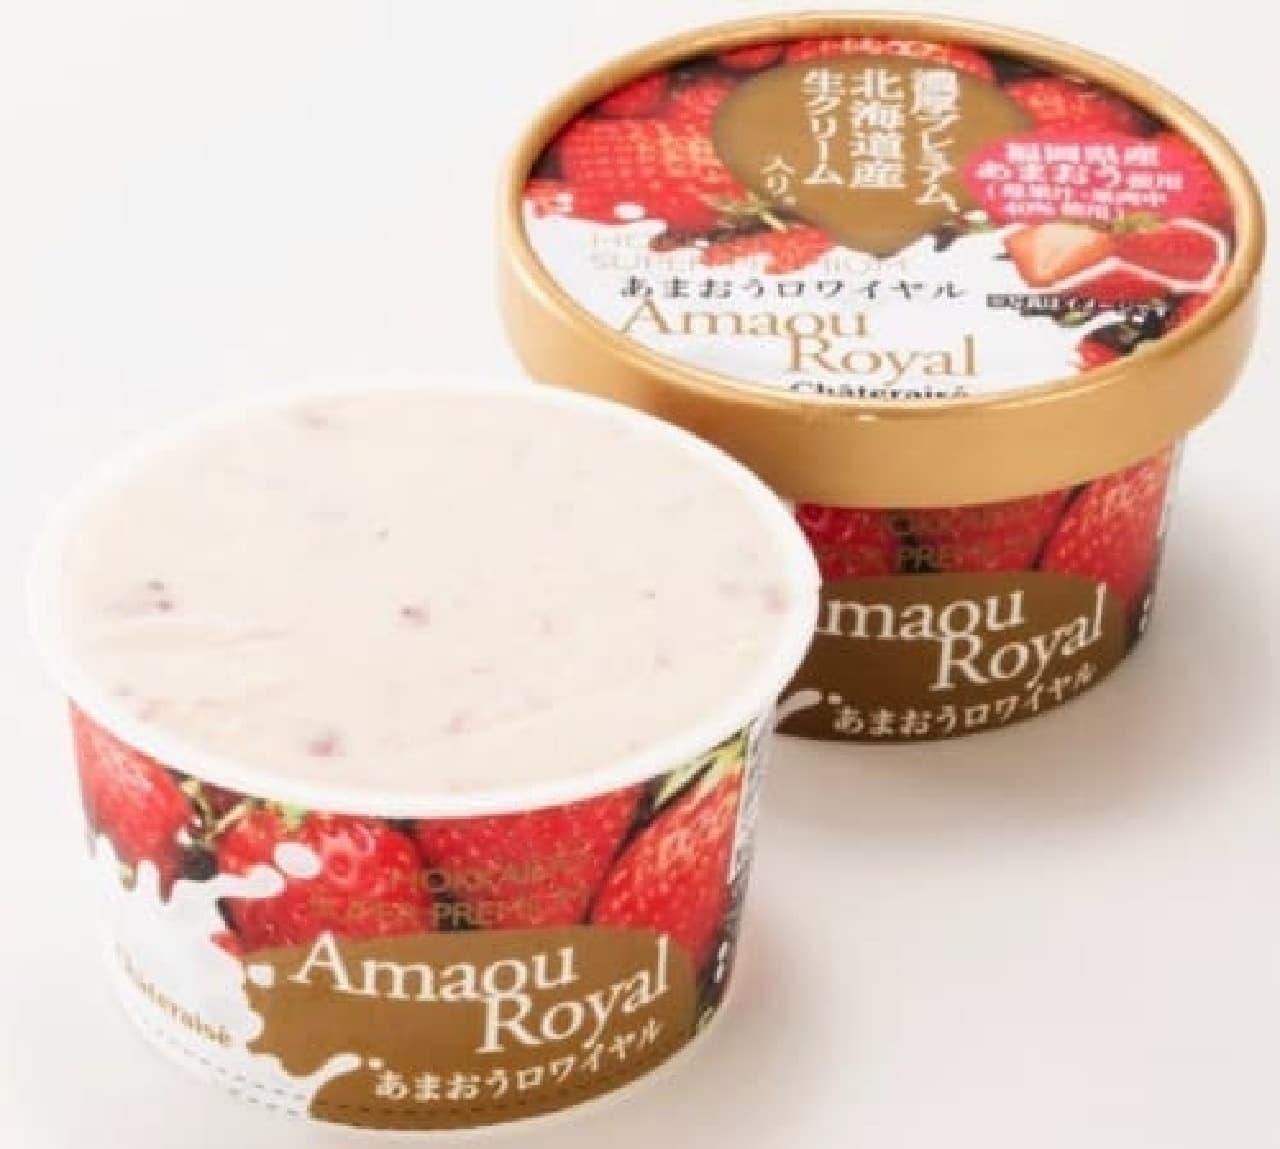 北海道と福岡県のおいしさが詰まったアイスクリーム